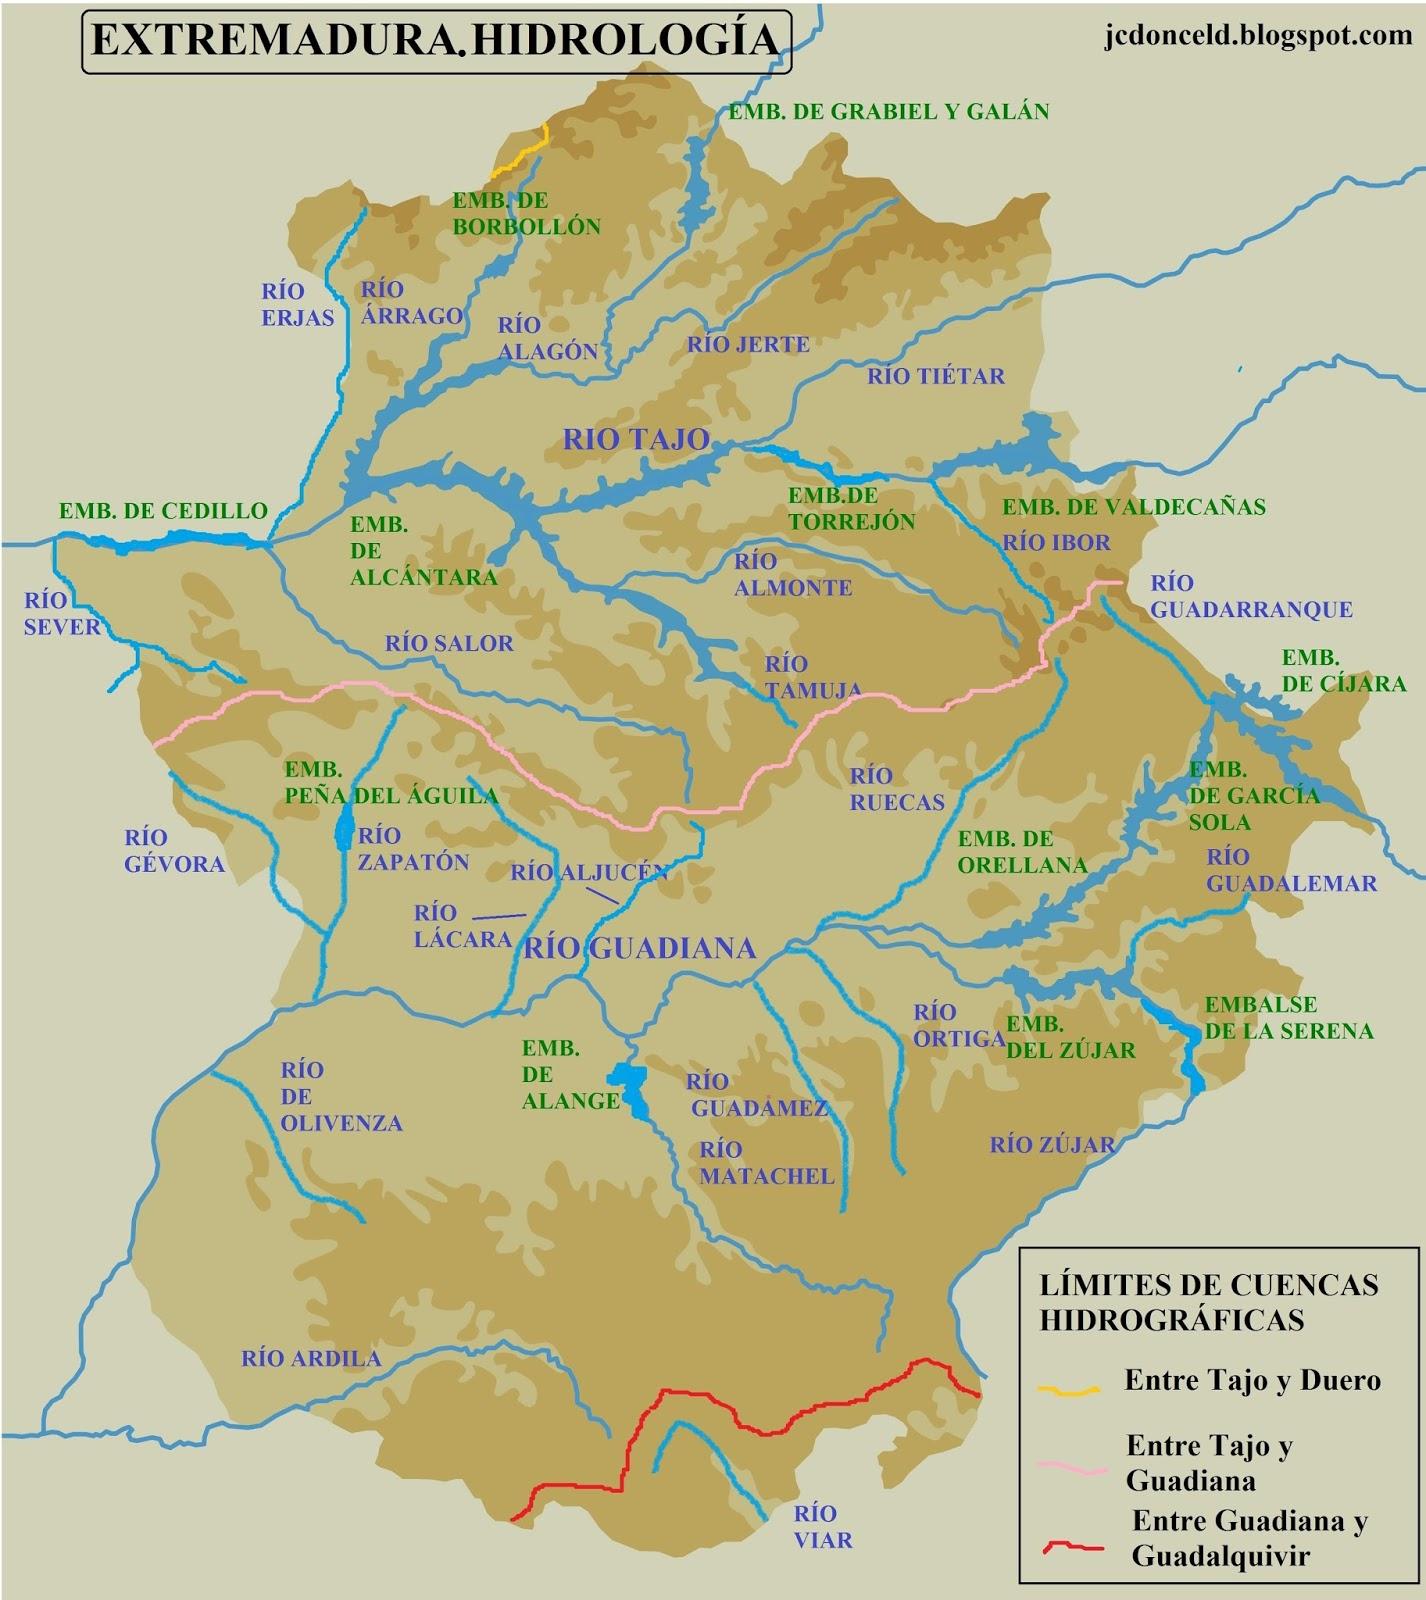 Worksheet. cuaderno de historia y geografa Atlas geogrfico Extremadura